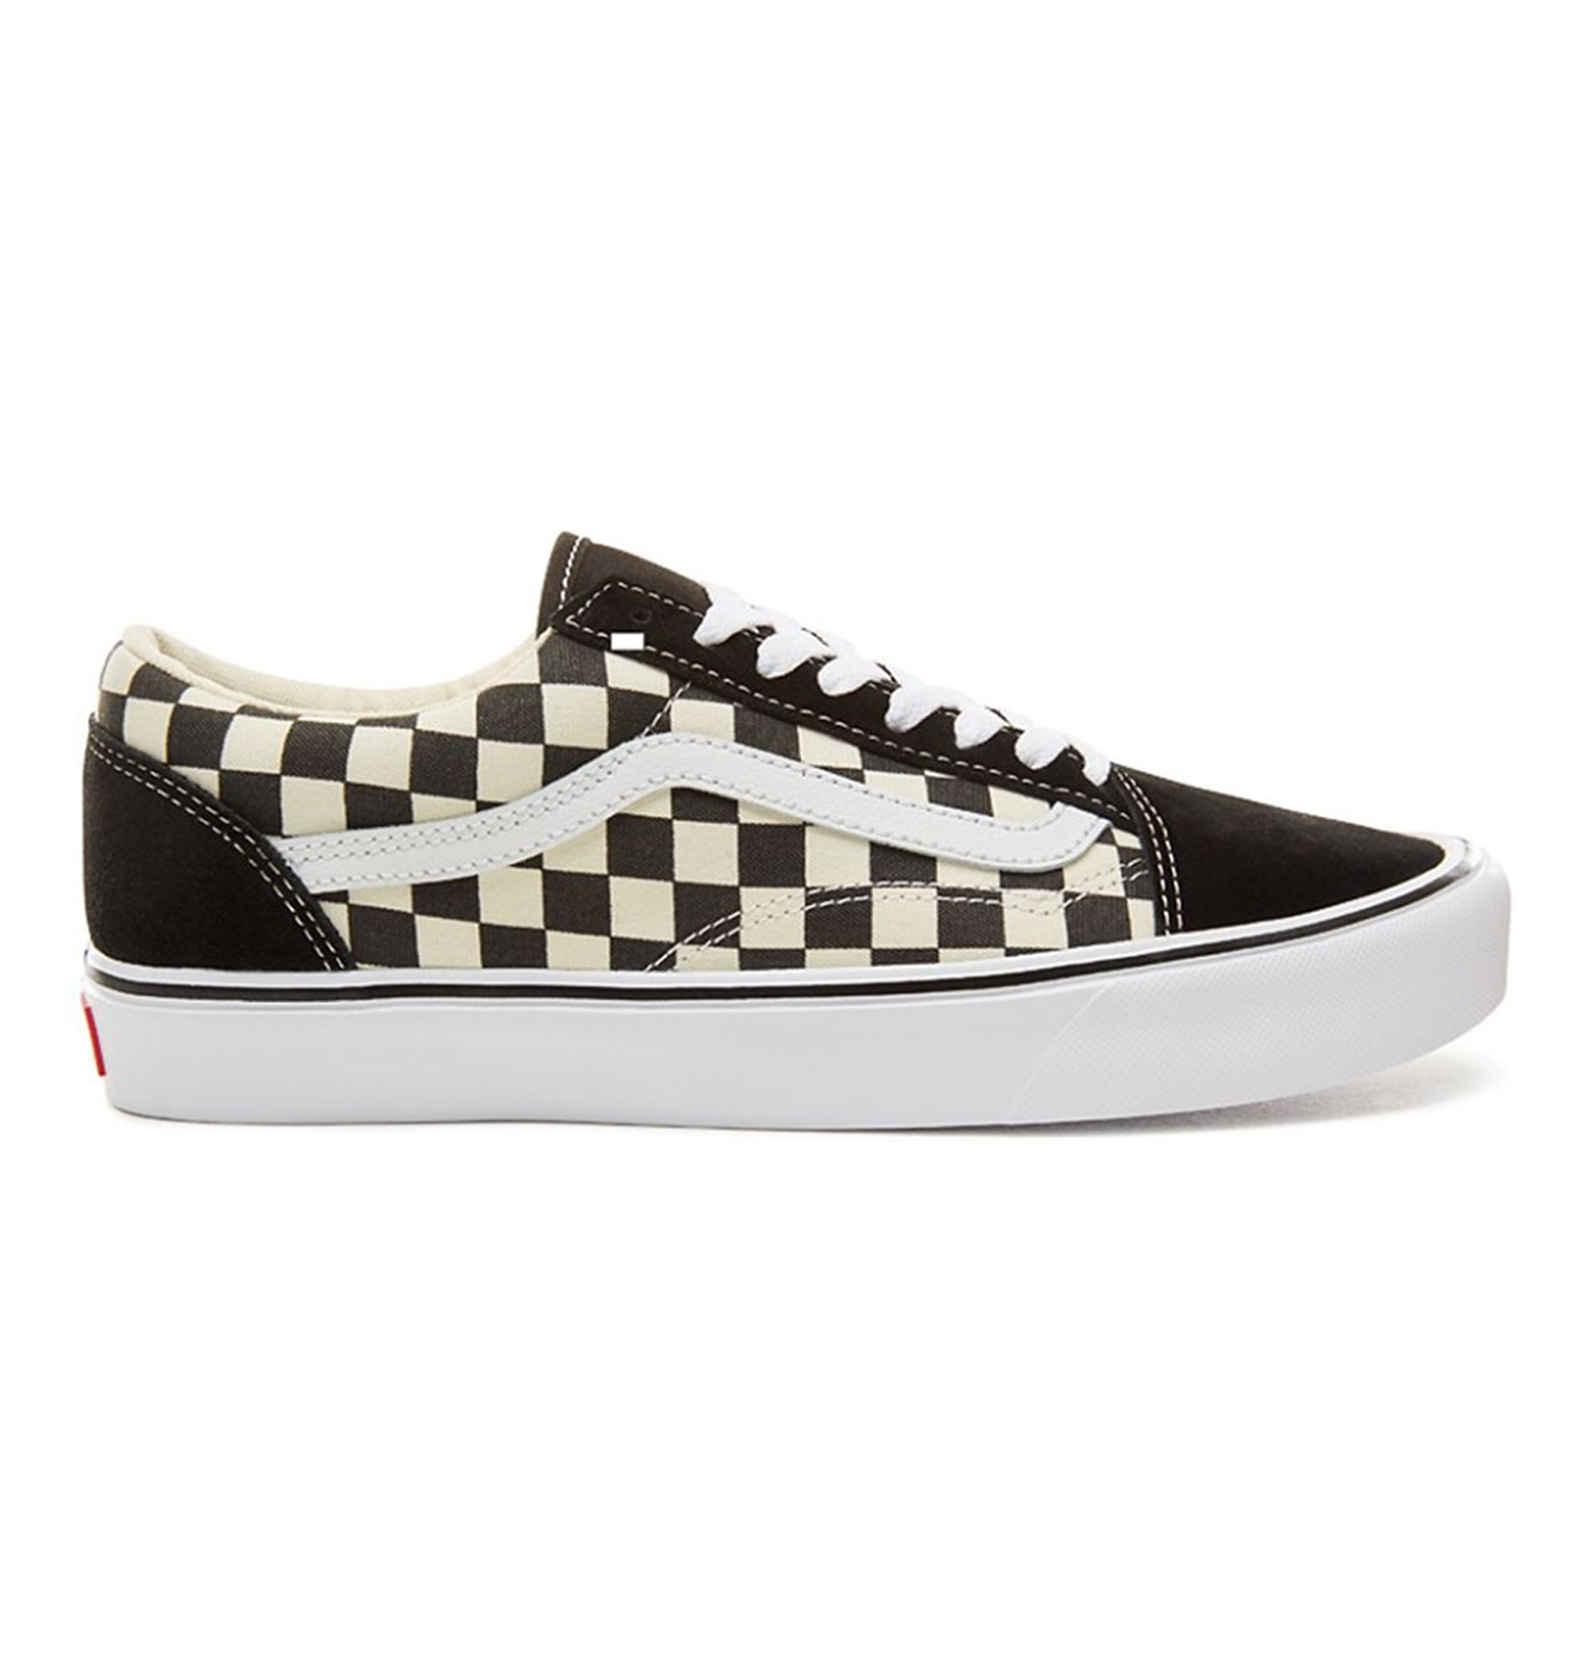 d138b258e64 Lyst - Vans Checkerboard Old Skool Lite Sneakers in het Wit voor heren